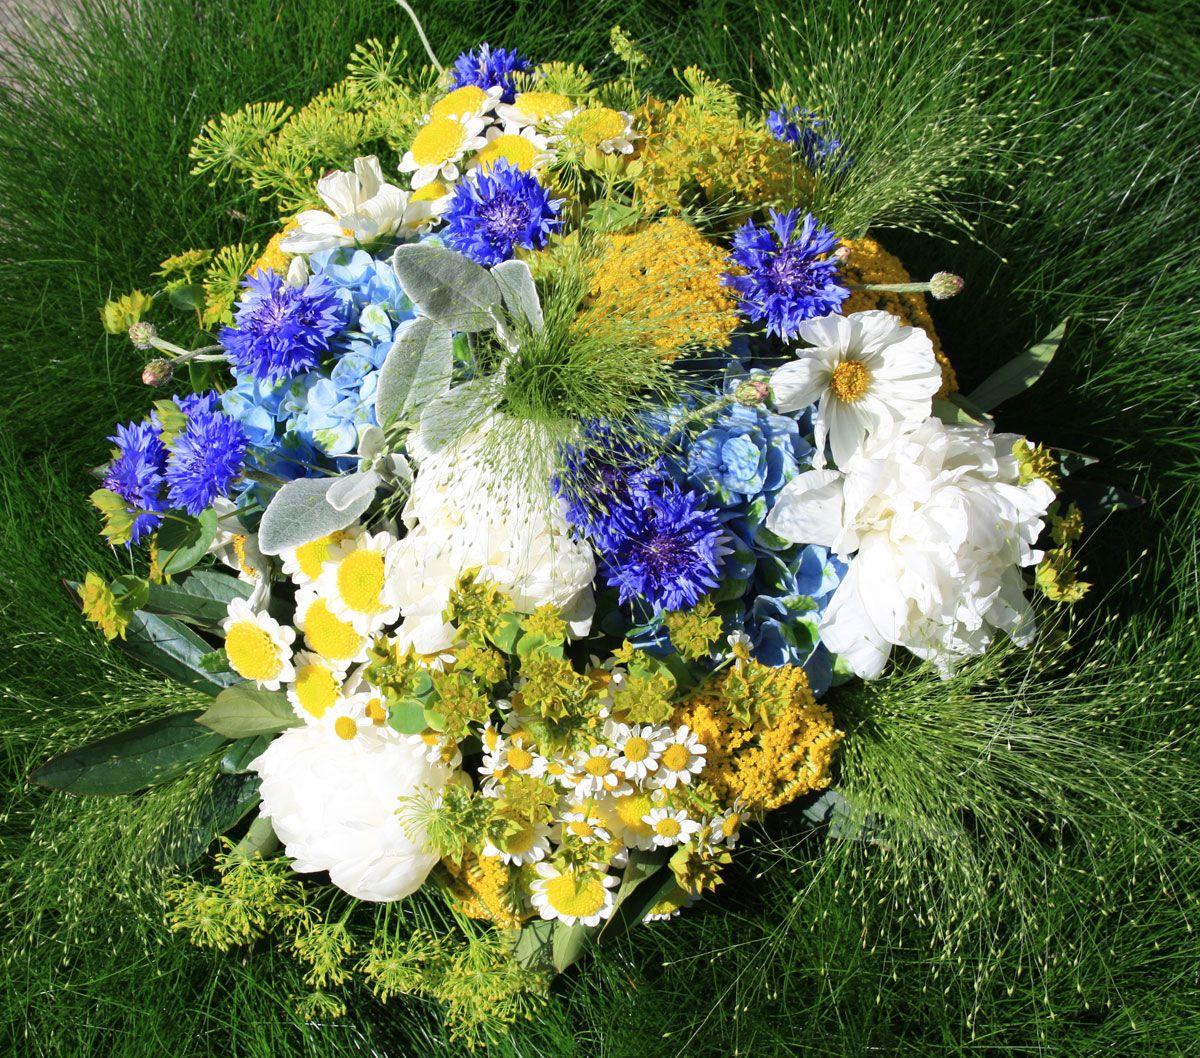 Blumenstrauß mit Kornblume, Foto Birgit Puck